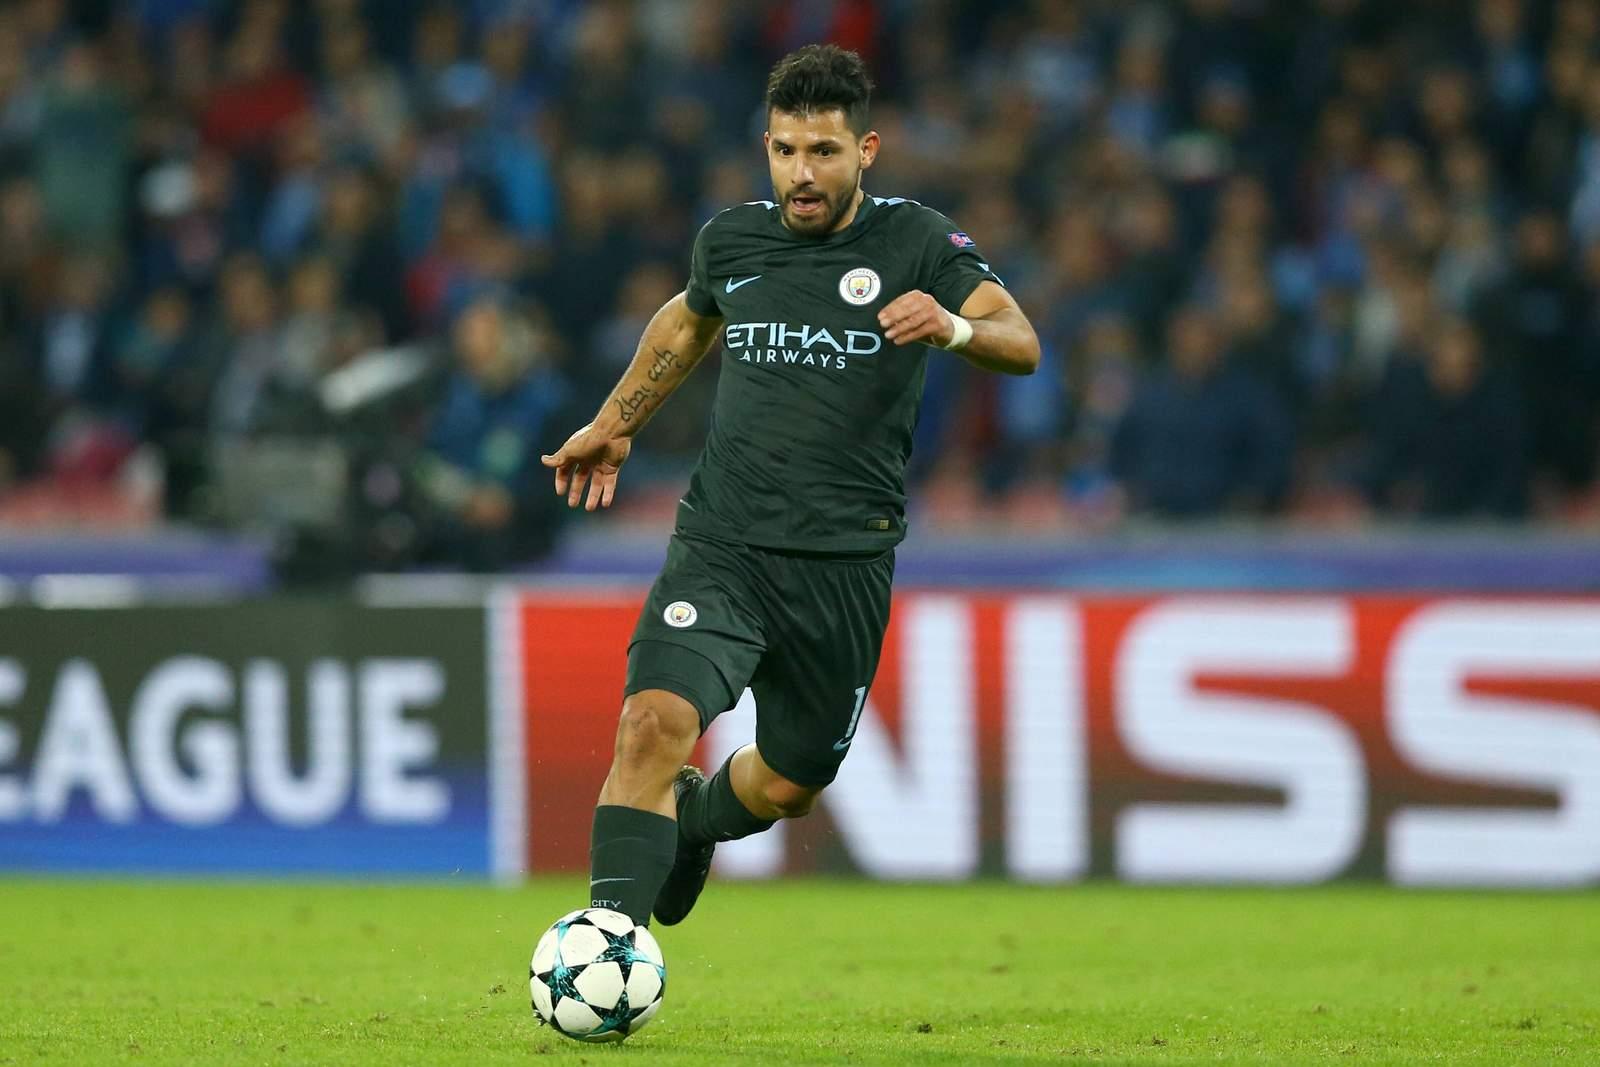 Kun Agüero auf dem Weg zum Tor +jetzt auf Liverpool vs Manchester City wetten